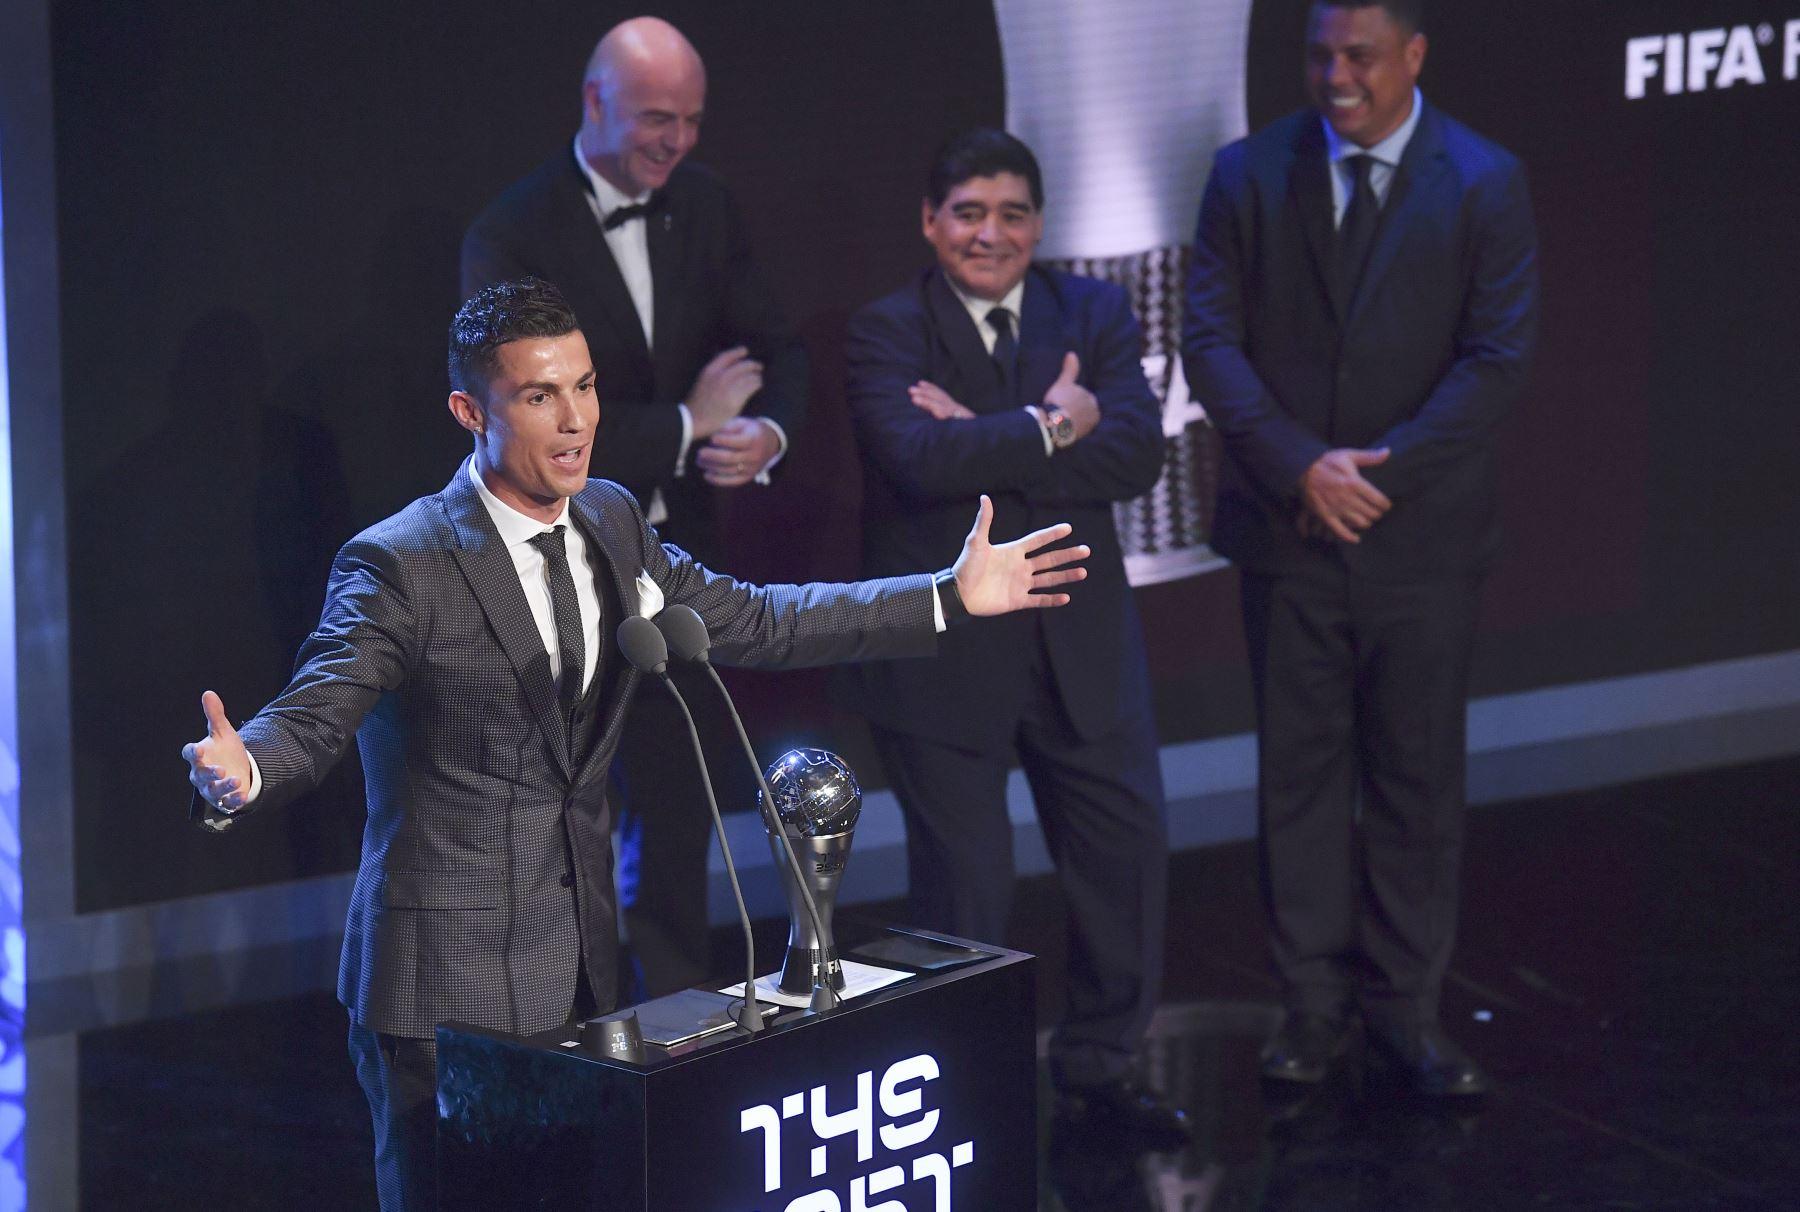 Cristiano Ronaldo, gano el premio al Mejor Jugador de Hombres de la FIFA de 2017 . Foto: AFP